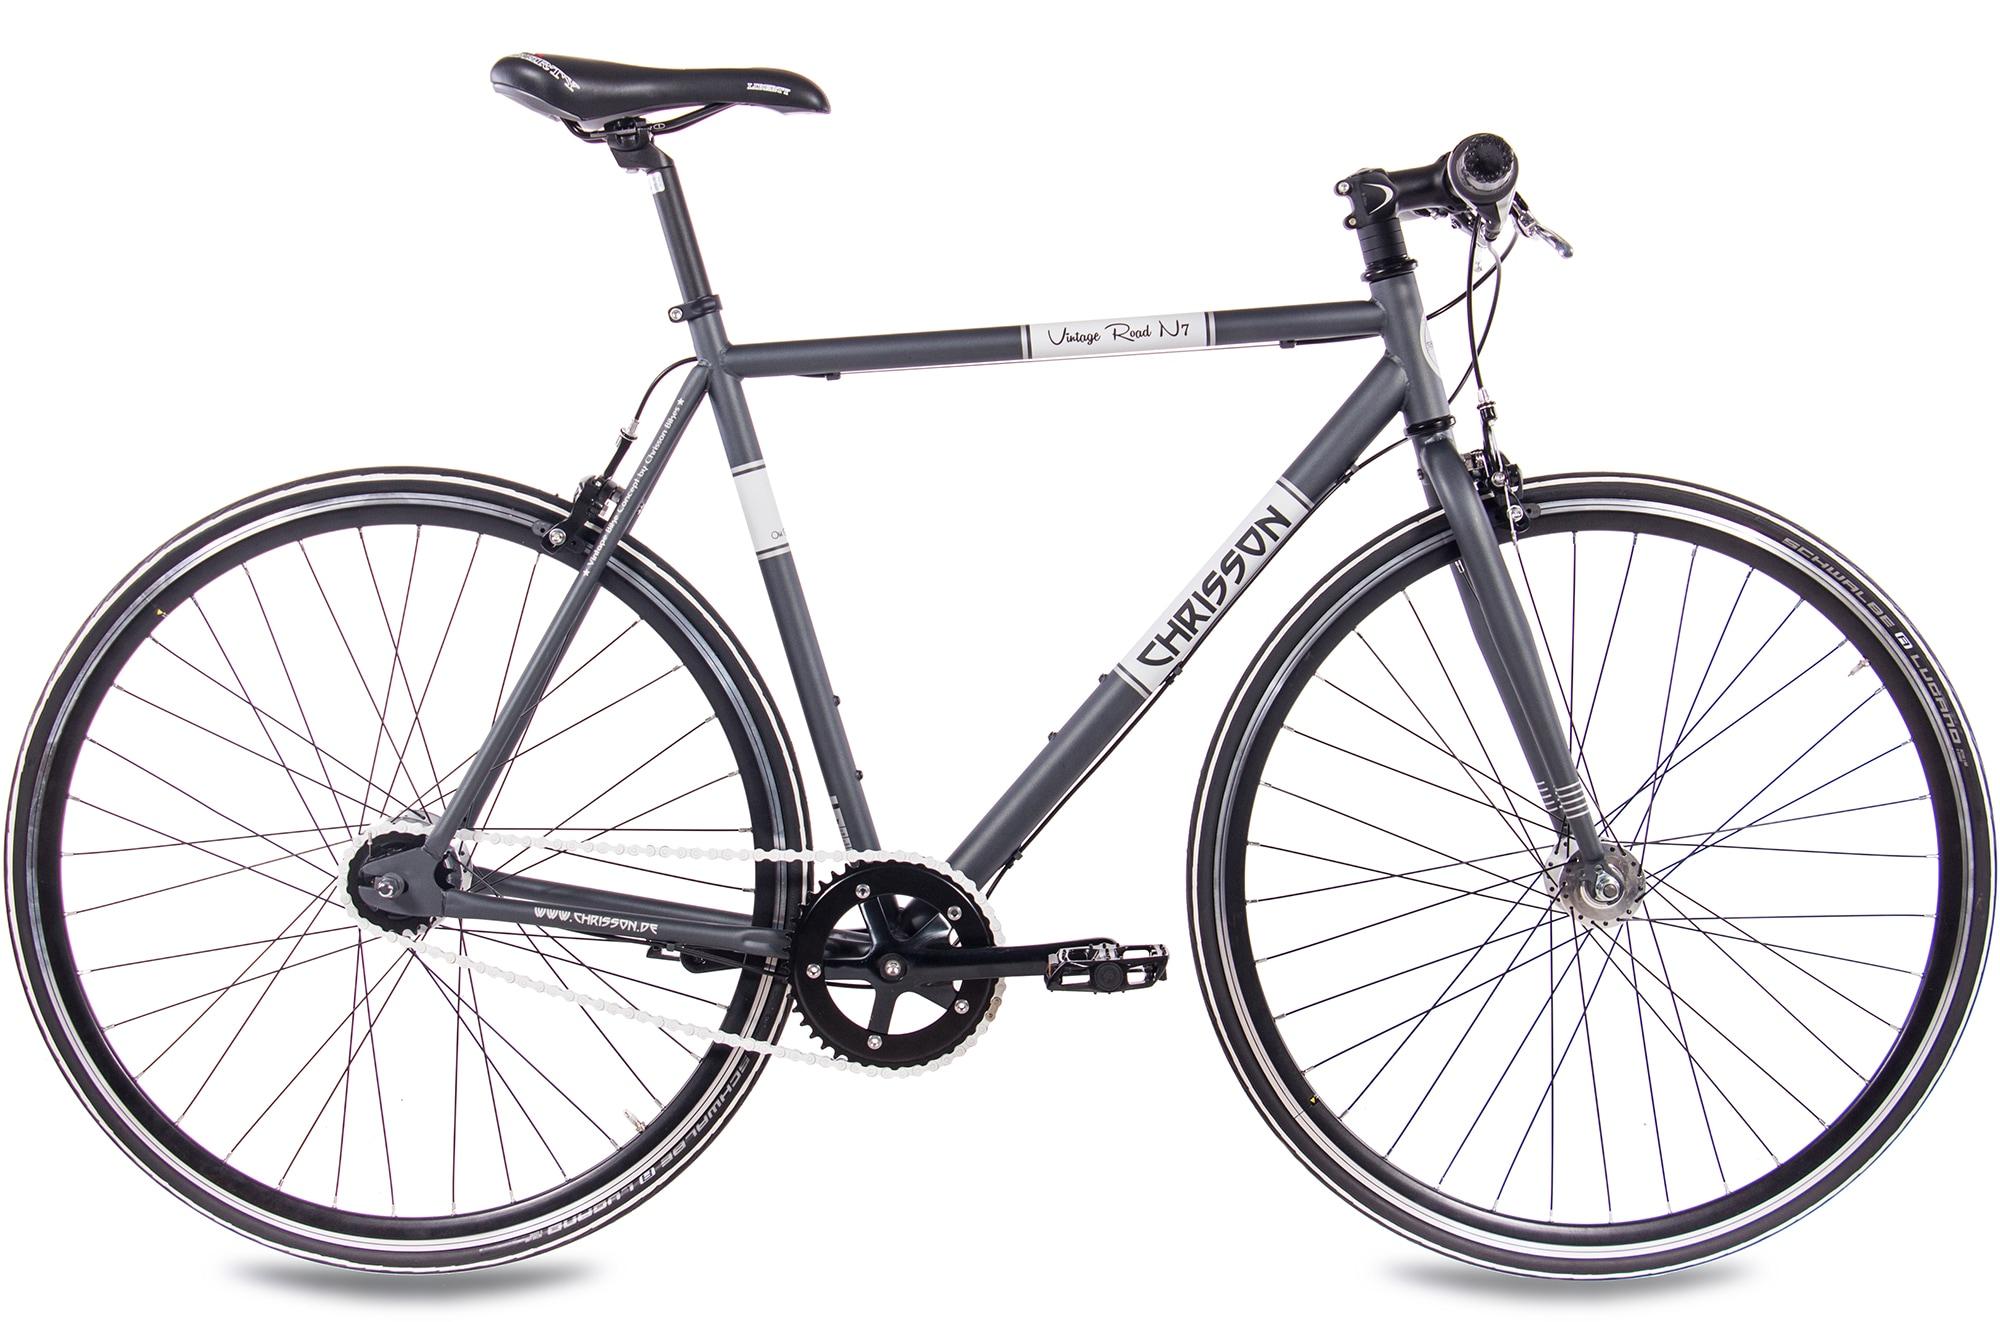 Chrisson Urbanbike Vintage Road N7, 7 Gang, Shimano, Nexus SG-7R42 Schaltwerk, Nabenschaltung, (1 tlg.) grau Crossräder Fahrräder Zubehör Fahrrad